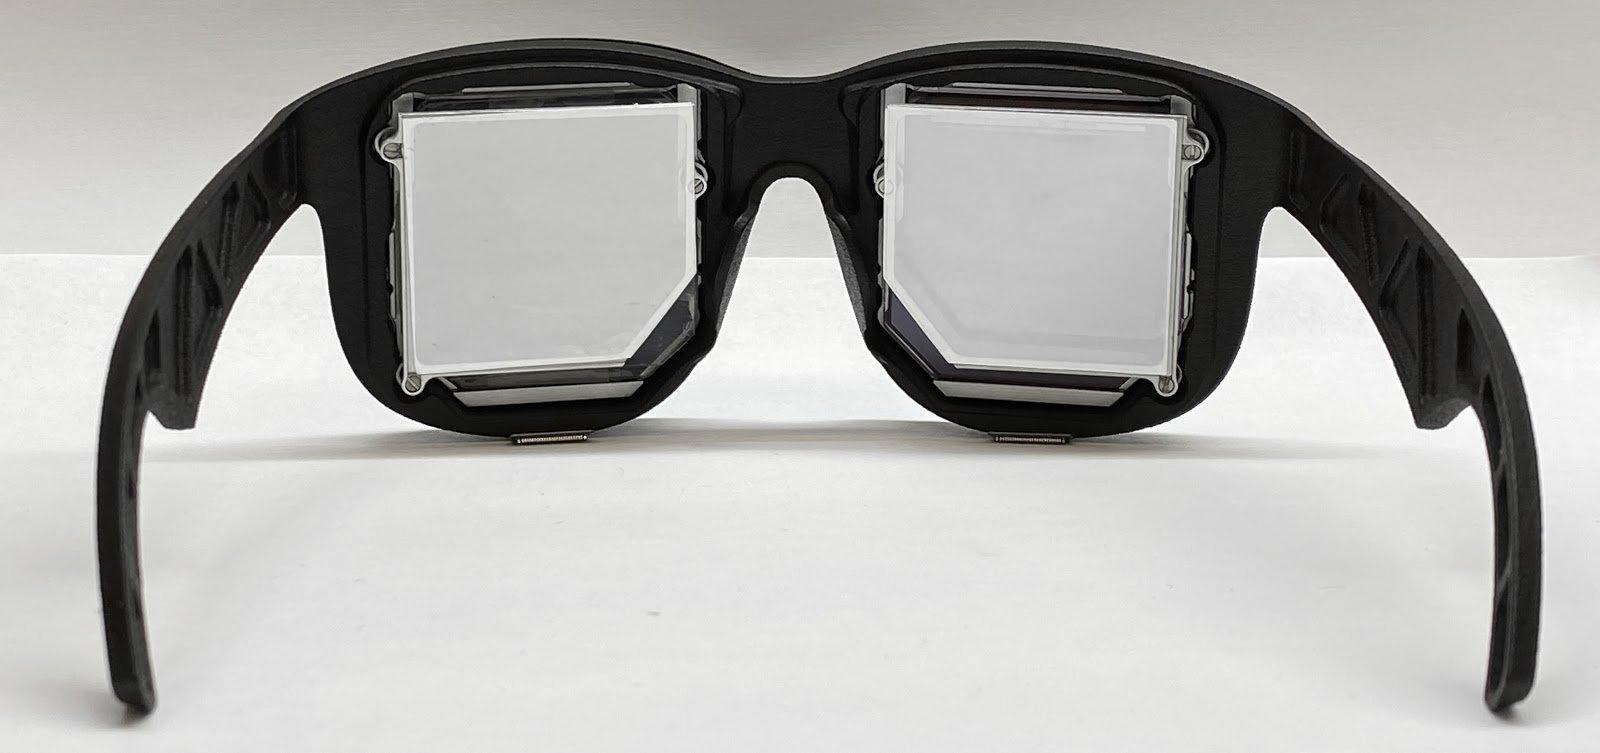 Facebook realidade virtual